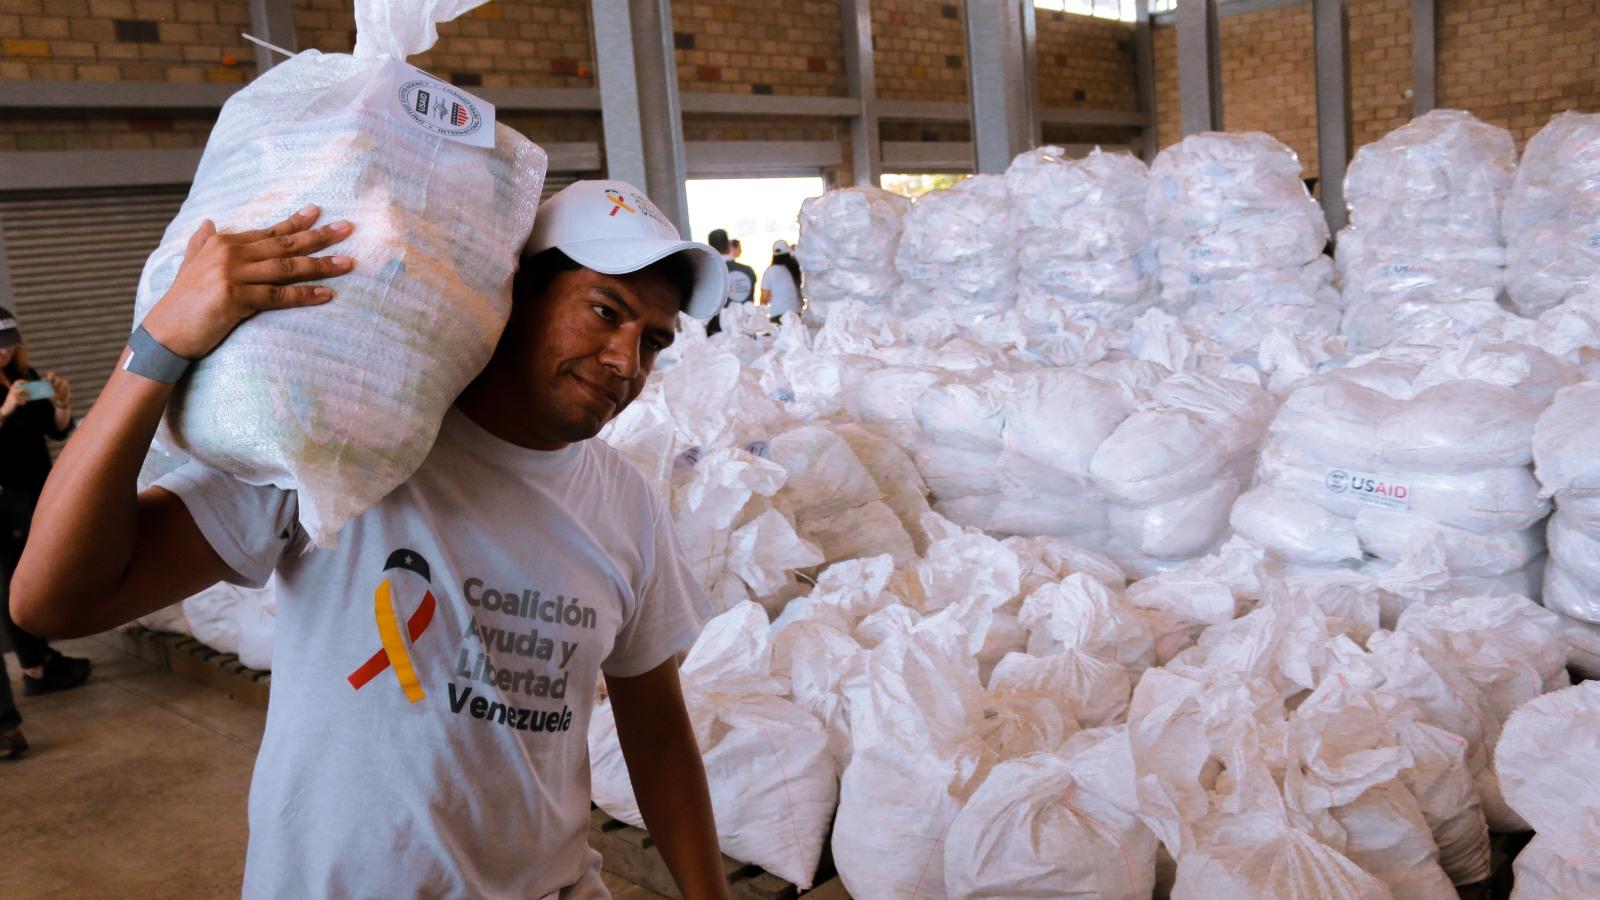 Declaran calamidad pública en Norte de Santander por entrega de donaciones para Venezuela